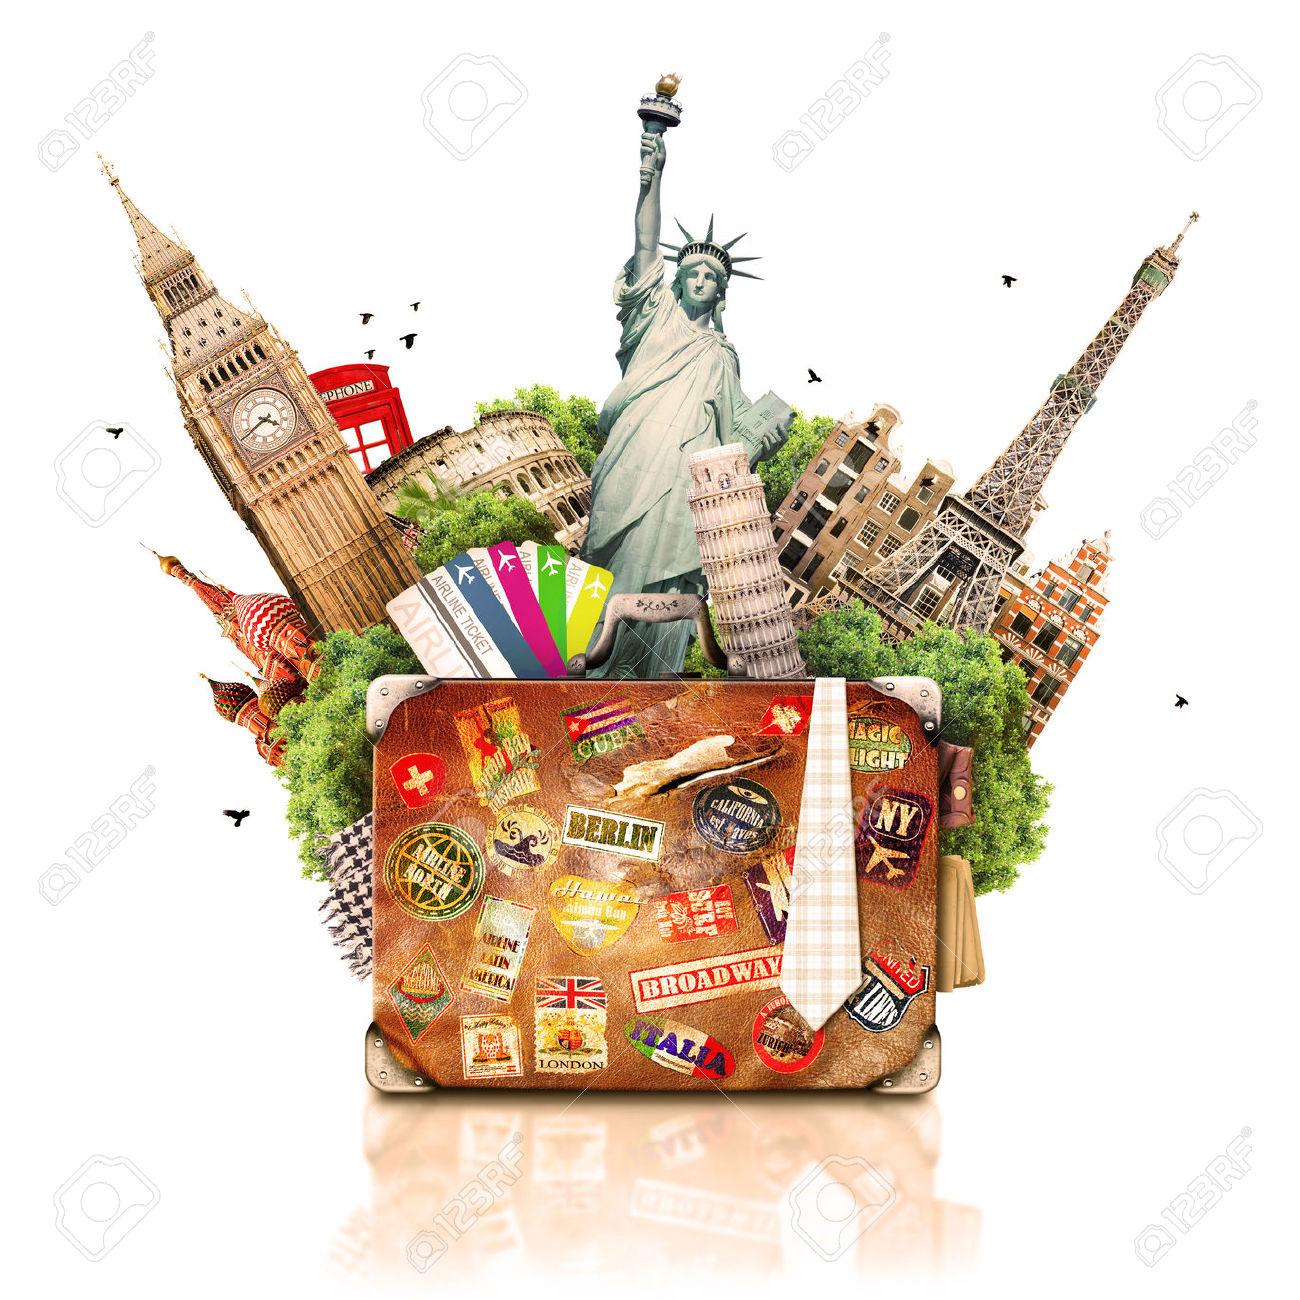 Places clipart tourism Aus Travel & Travel Tourism